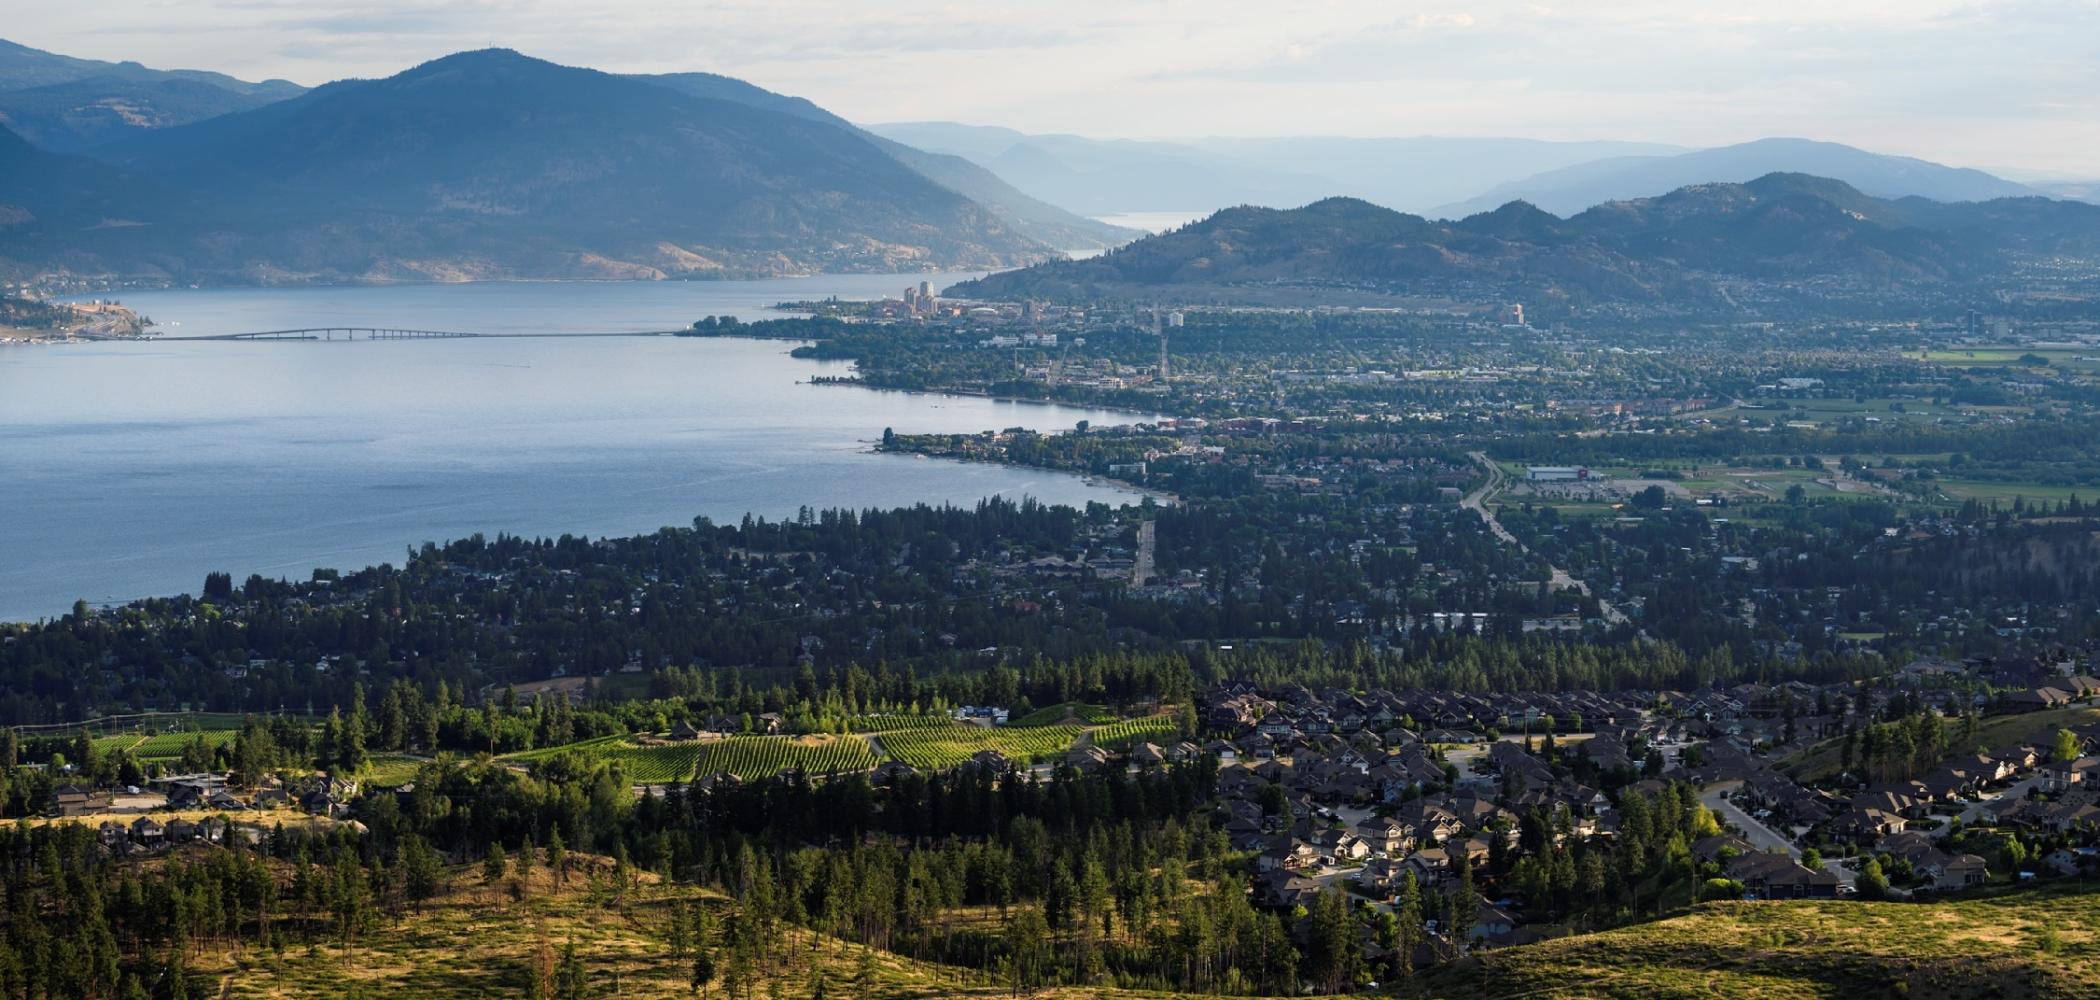 Kelowna, BC Canada